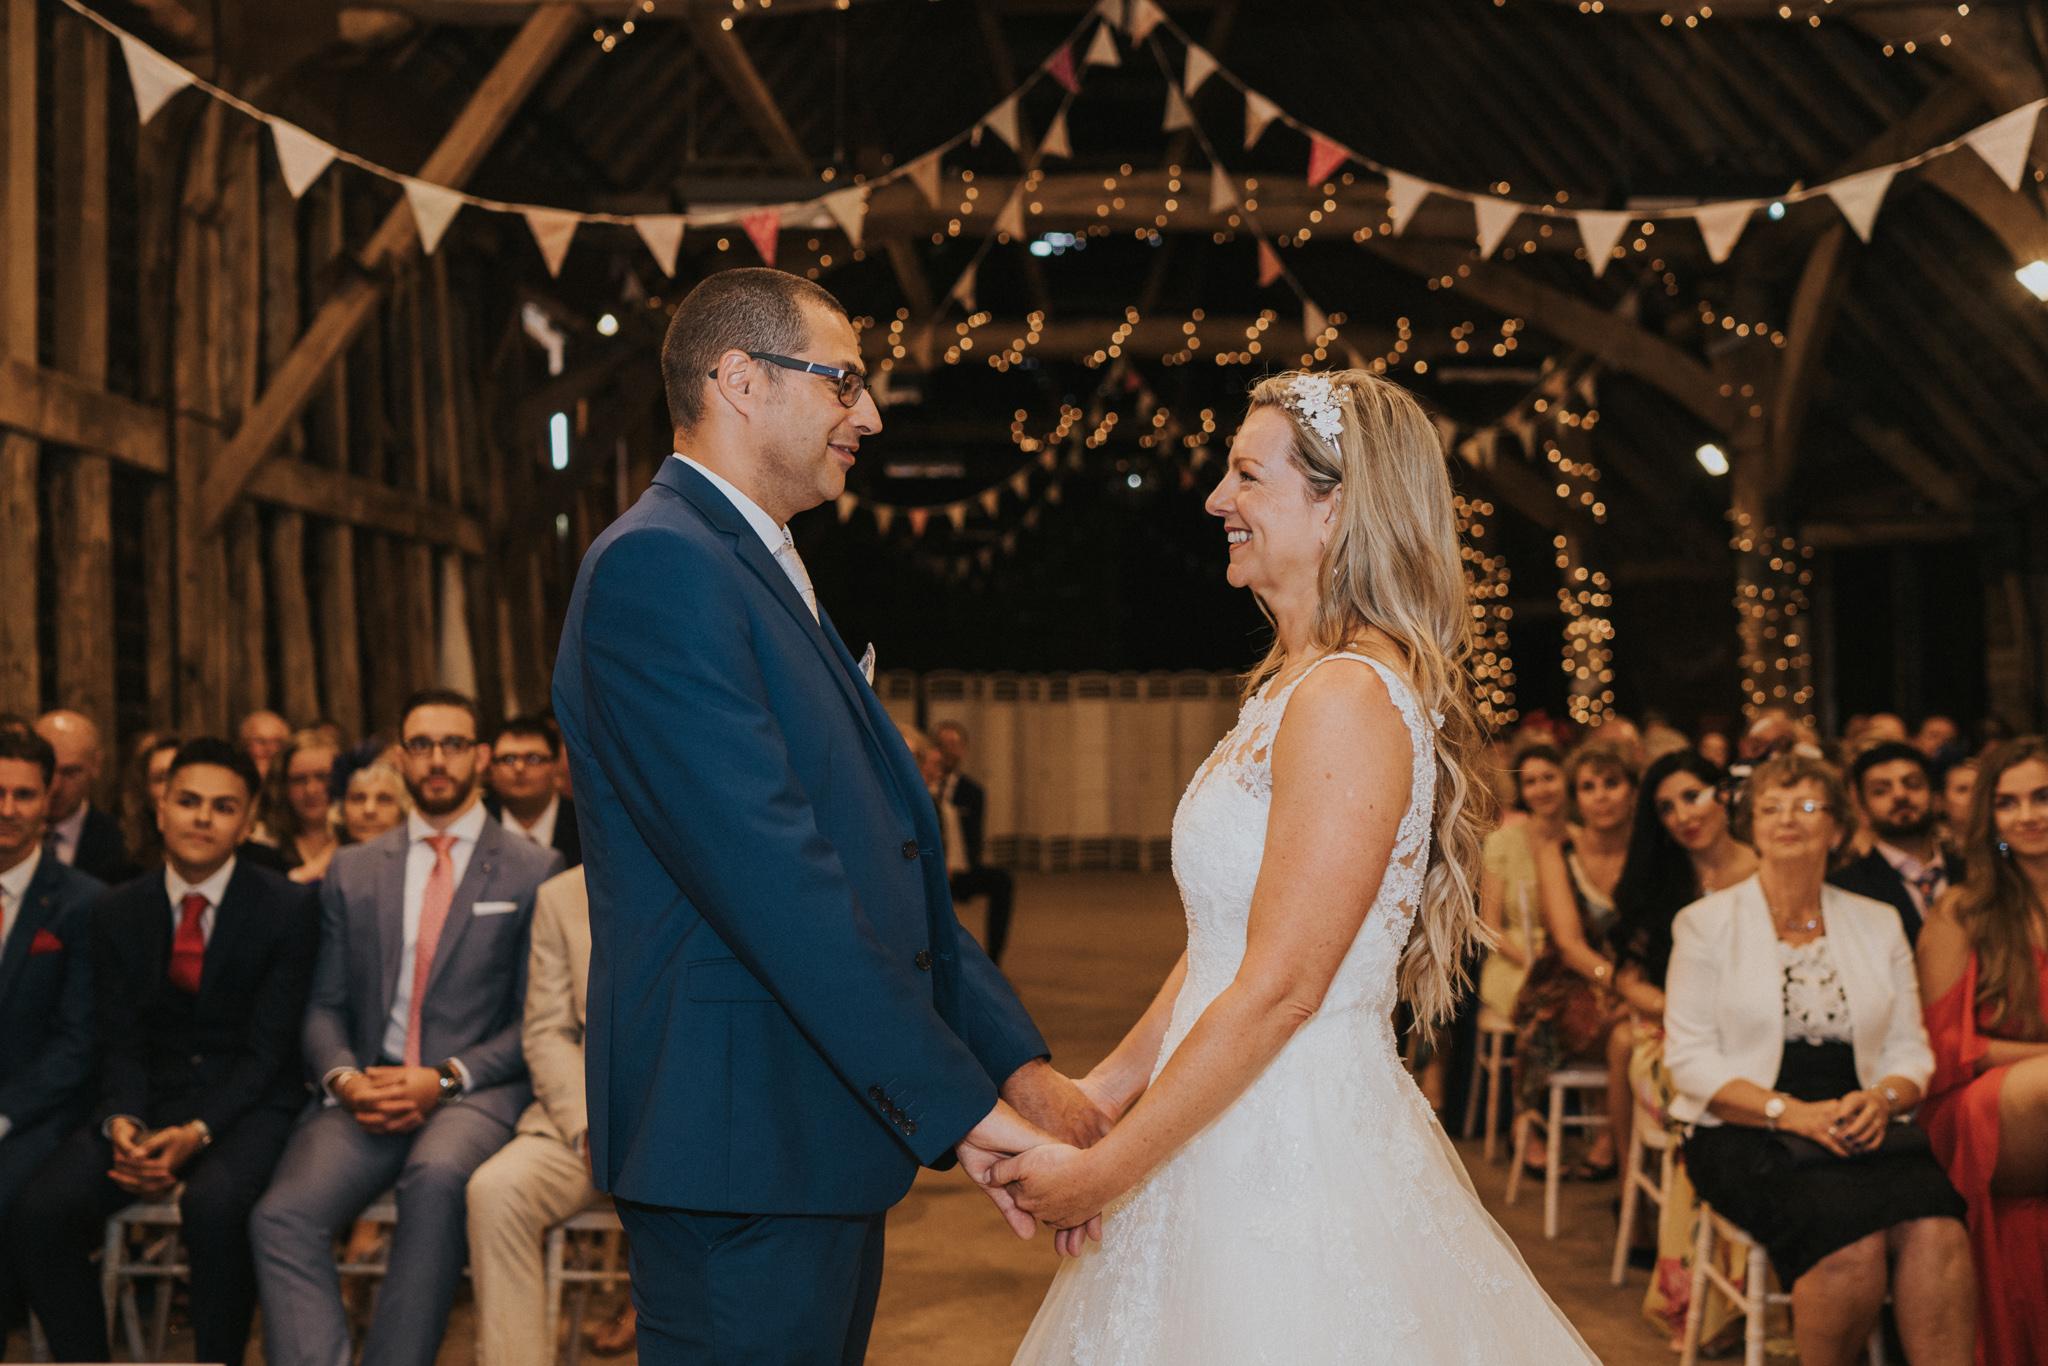 karen-tony-blackthorpe-barn-diy-wedding-grace-elizabeth-colchester-essex-alternative-wedding-lifestyle-photographer-essex-suffolk-norfolk-devon (18 of 35).jpg